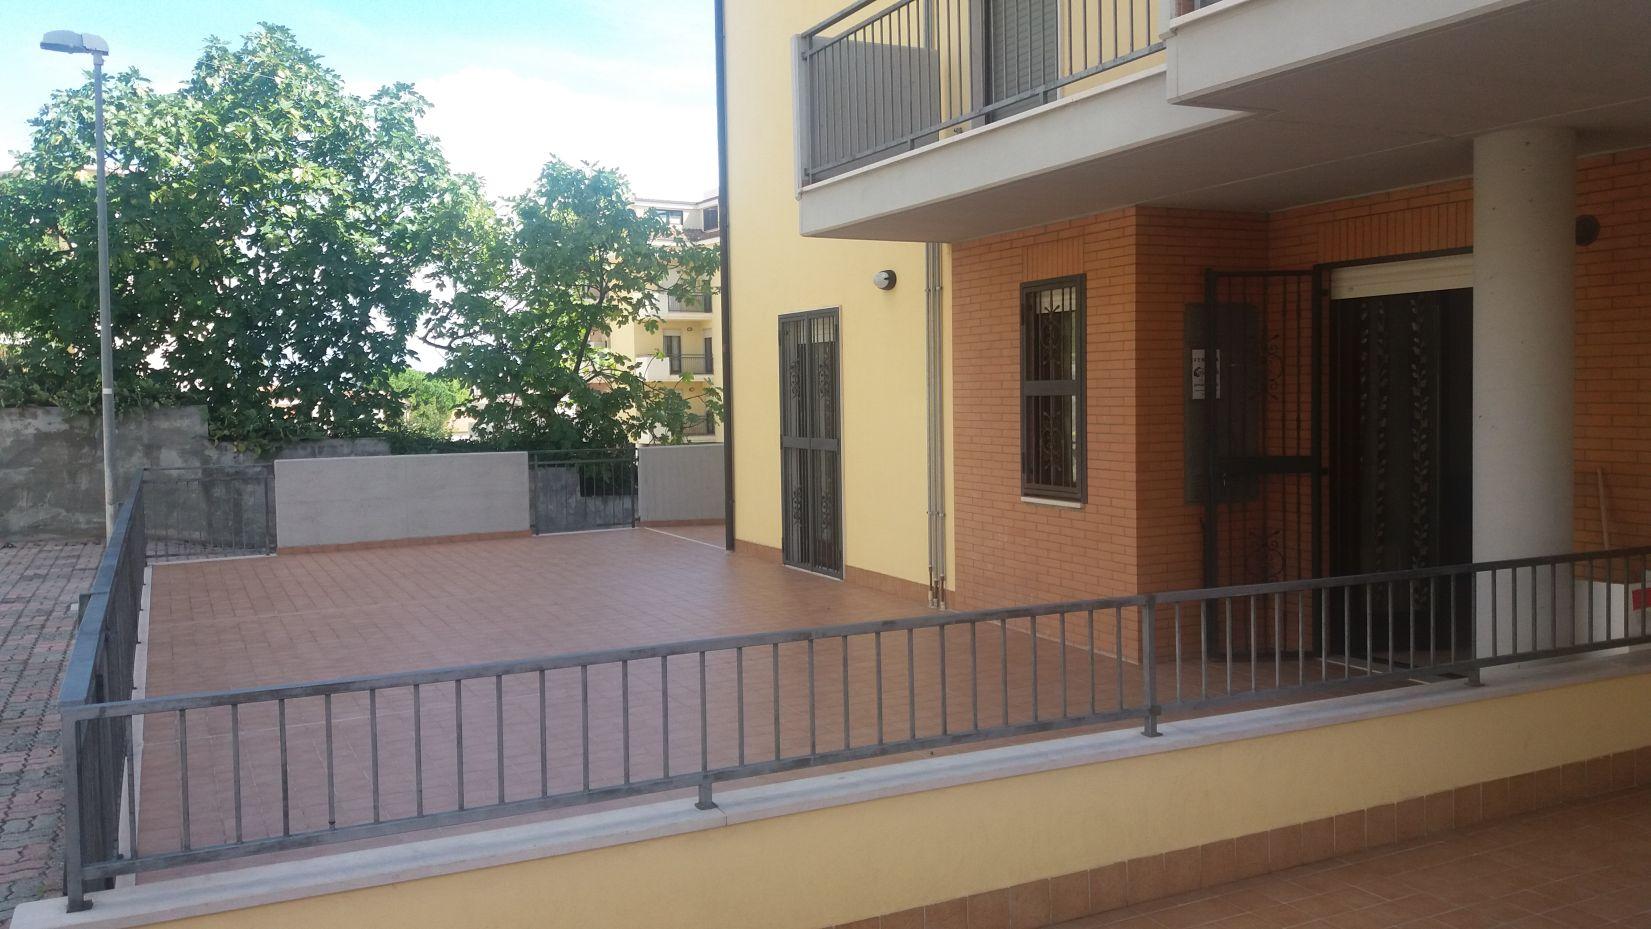 Appartamento con terrazzo vasto rif 732 casa facile for Piani di casa con appartamento suocera